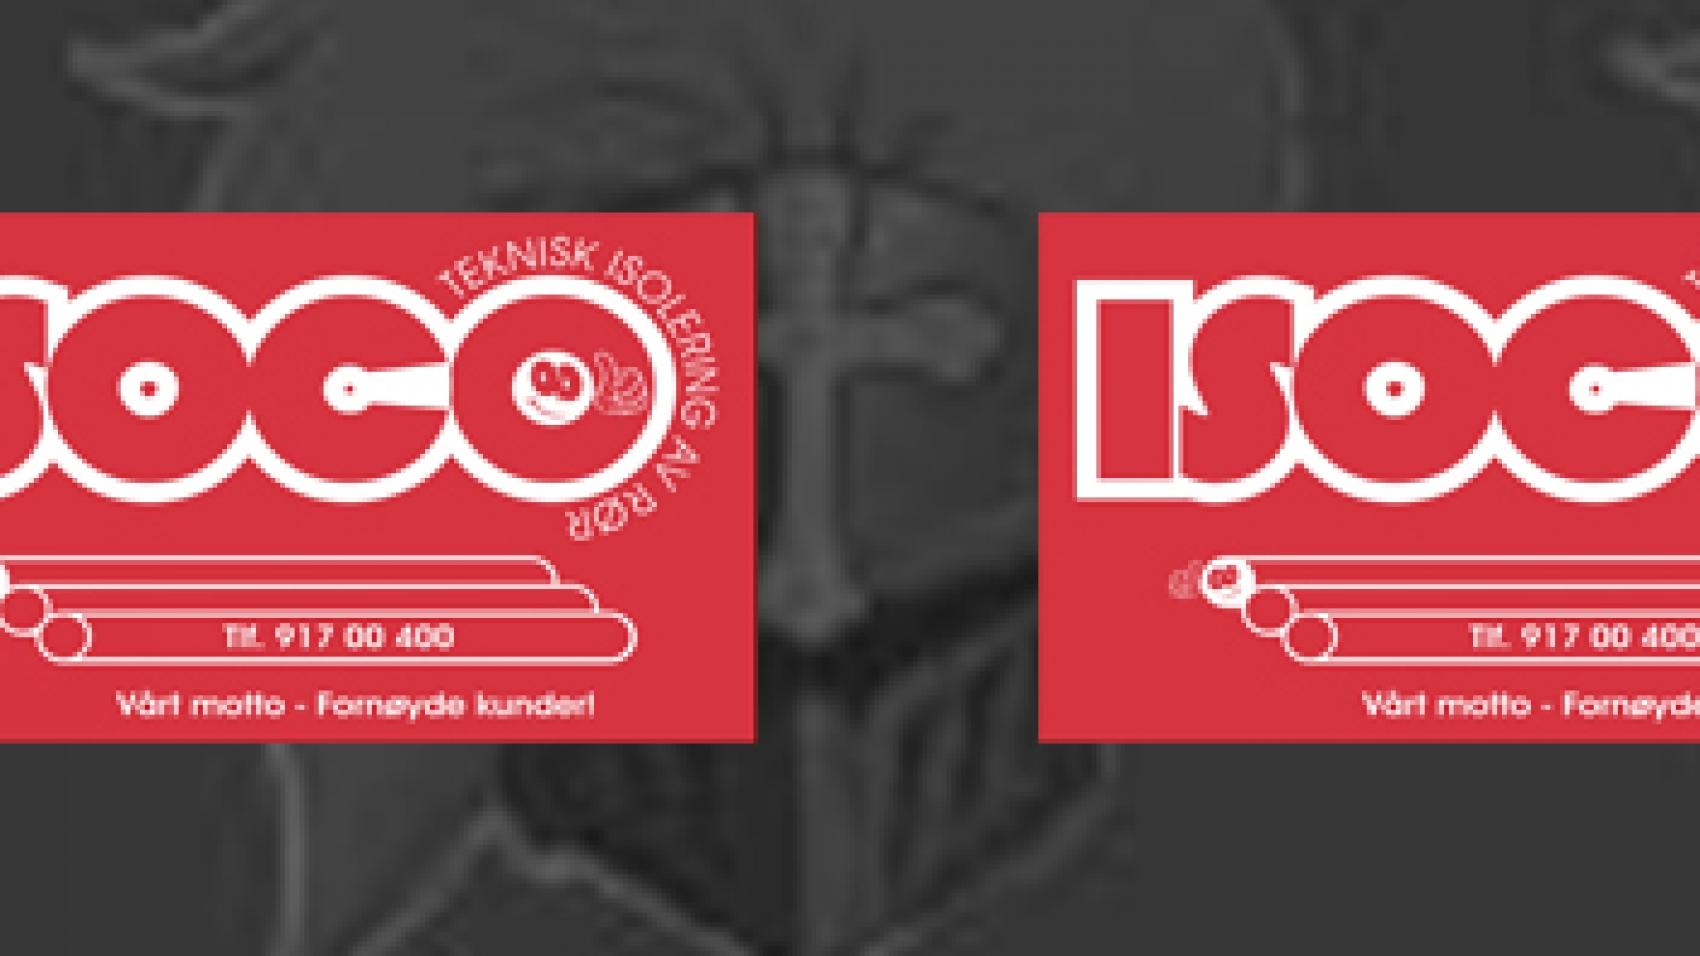 sponsor-slide-ISOCO